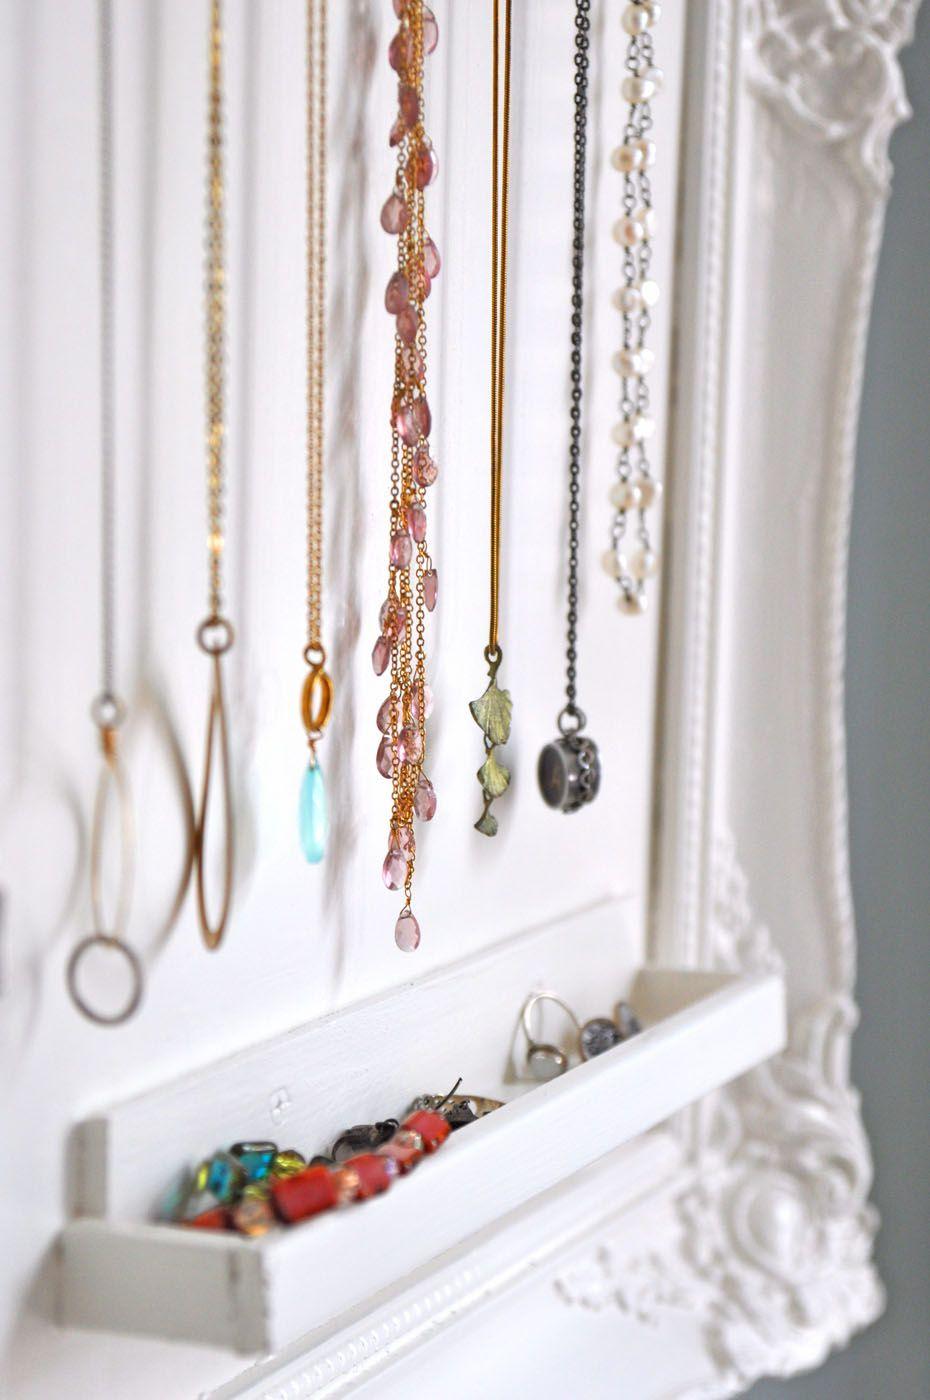 Do it yourself jewelry storage monaluna monaluna diy ideas do it yourself jewelry storage monaluna monaluna solutioingenieria Gallery